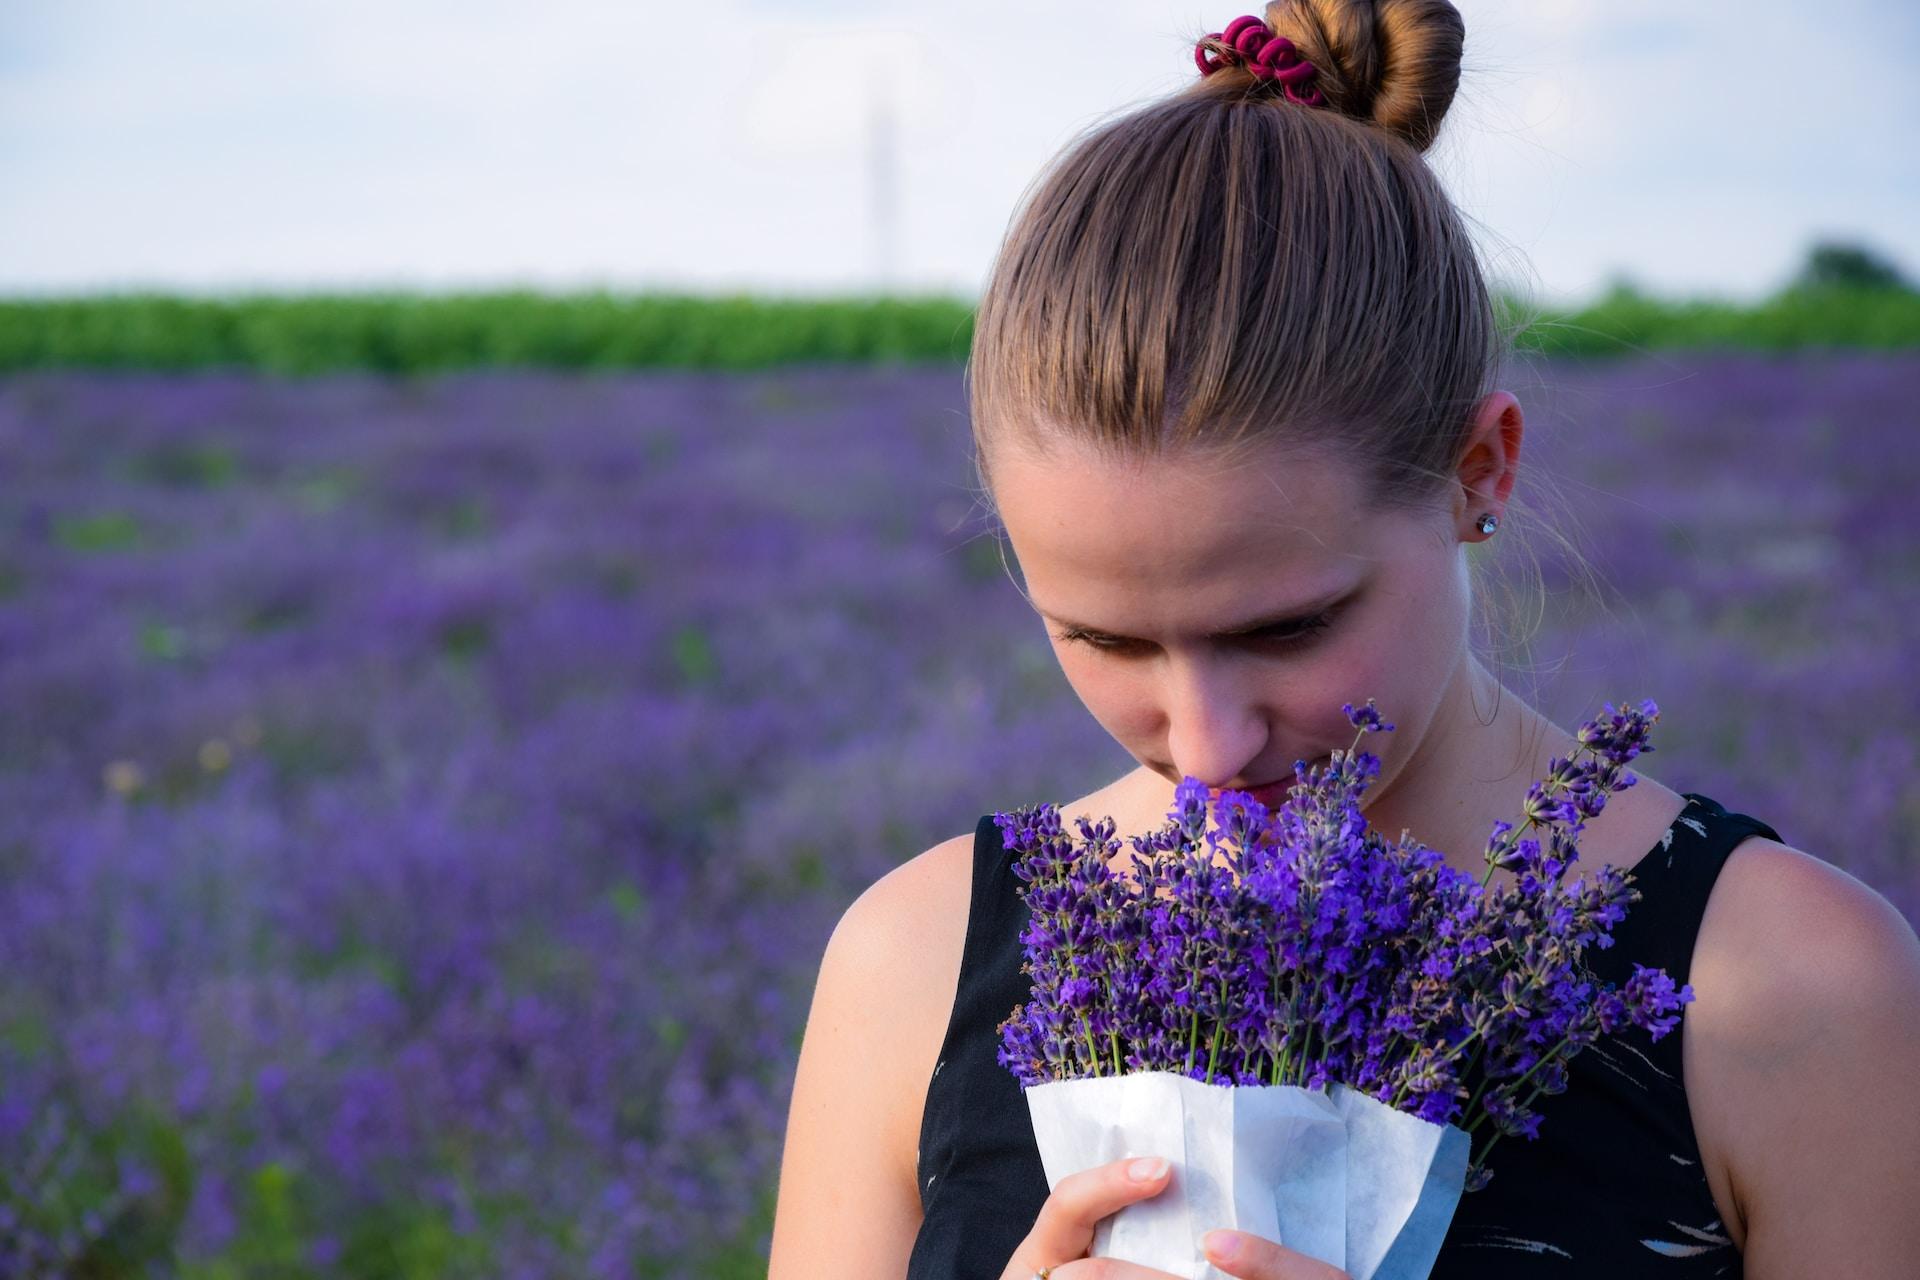 woman smelling bouquet of purple lavender